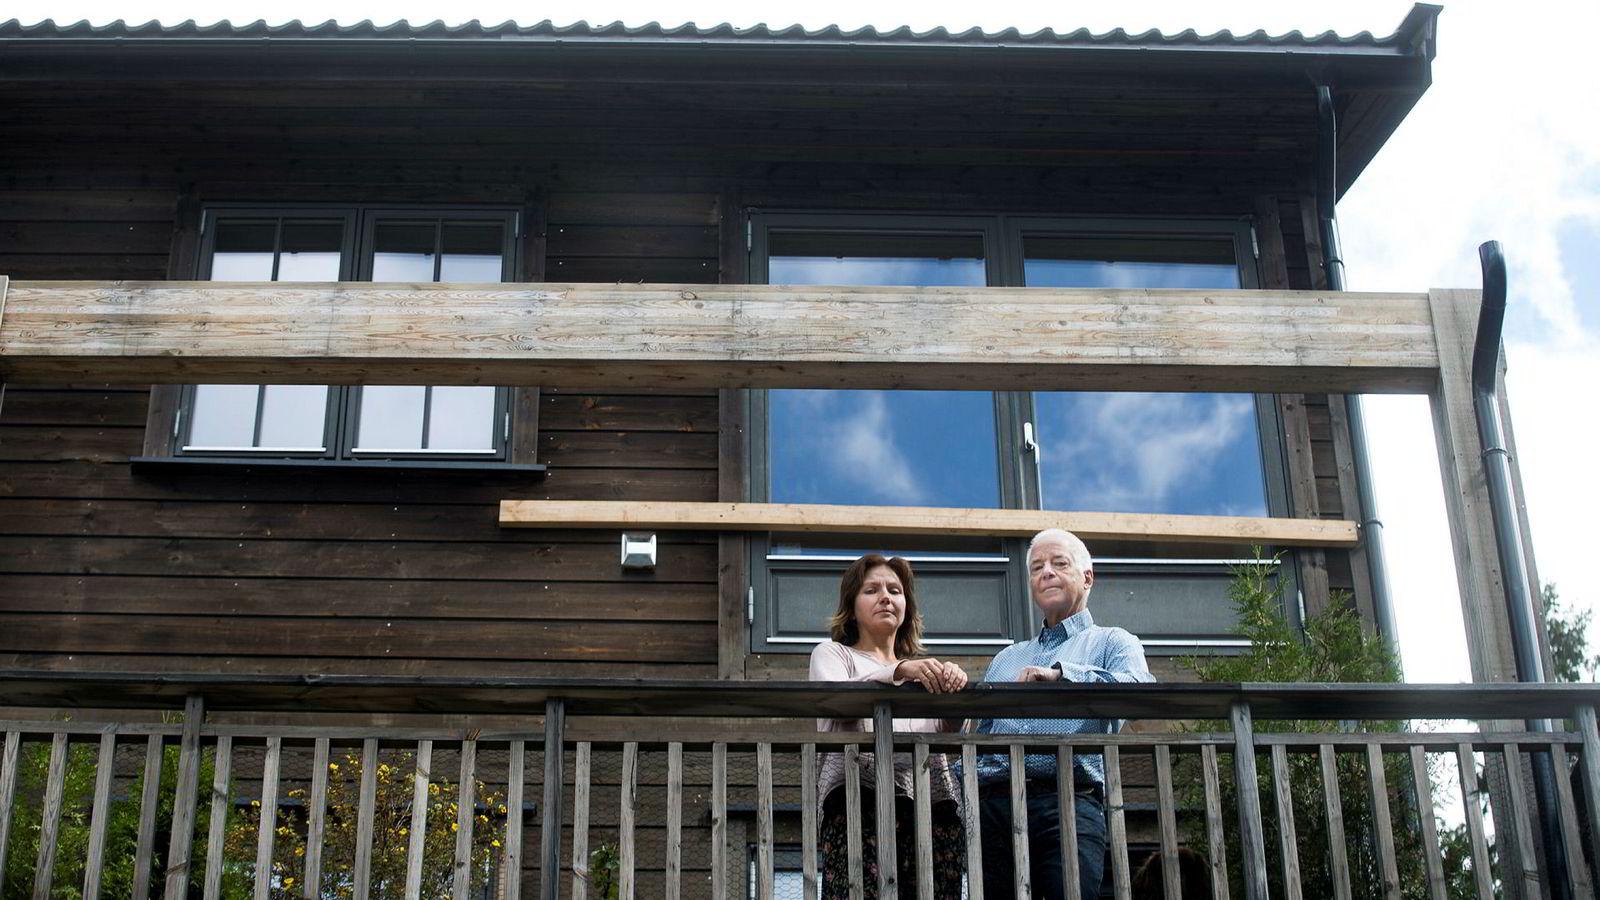 Aslak og Anna Poppe opplevde i april at verandaen i etasjen over ramlet ned bare timer etter de selv hadde sittet på sin egen. De vant sin sak i Oslo tingrett, men mener motparten slapp for billig unna.